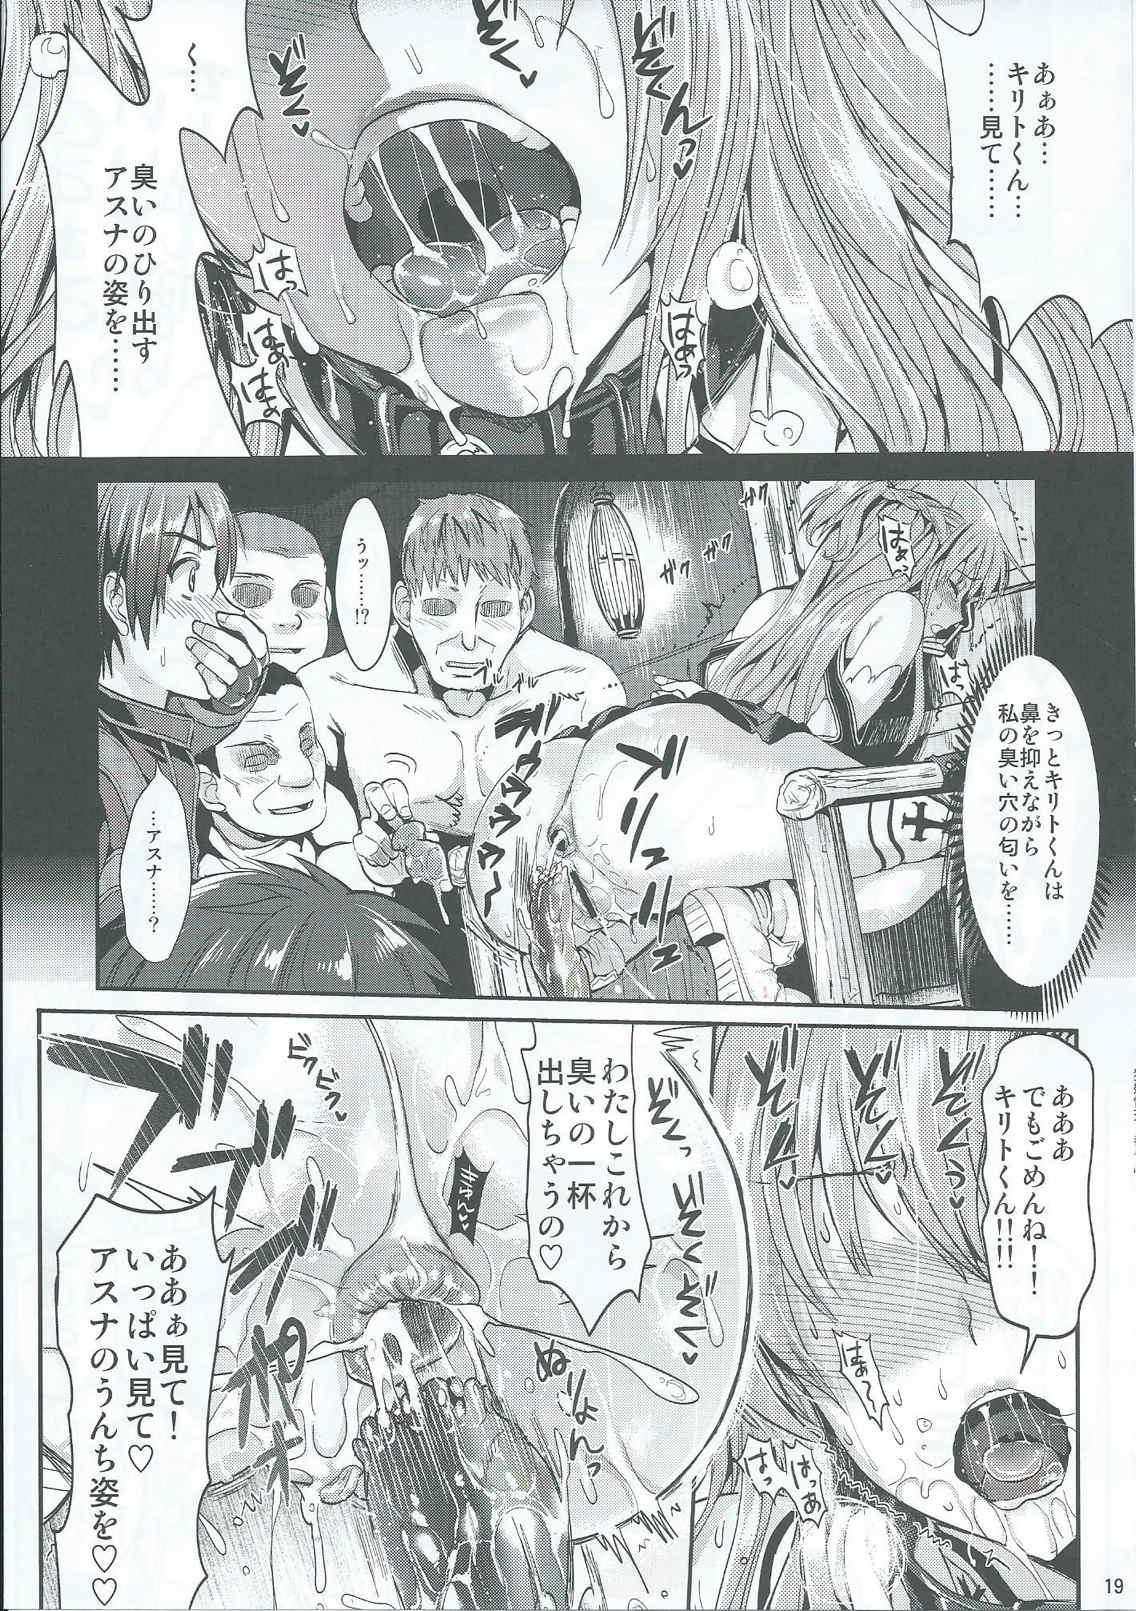 Shujou Seikou 2 Bangai-hen 17